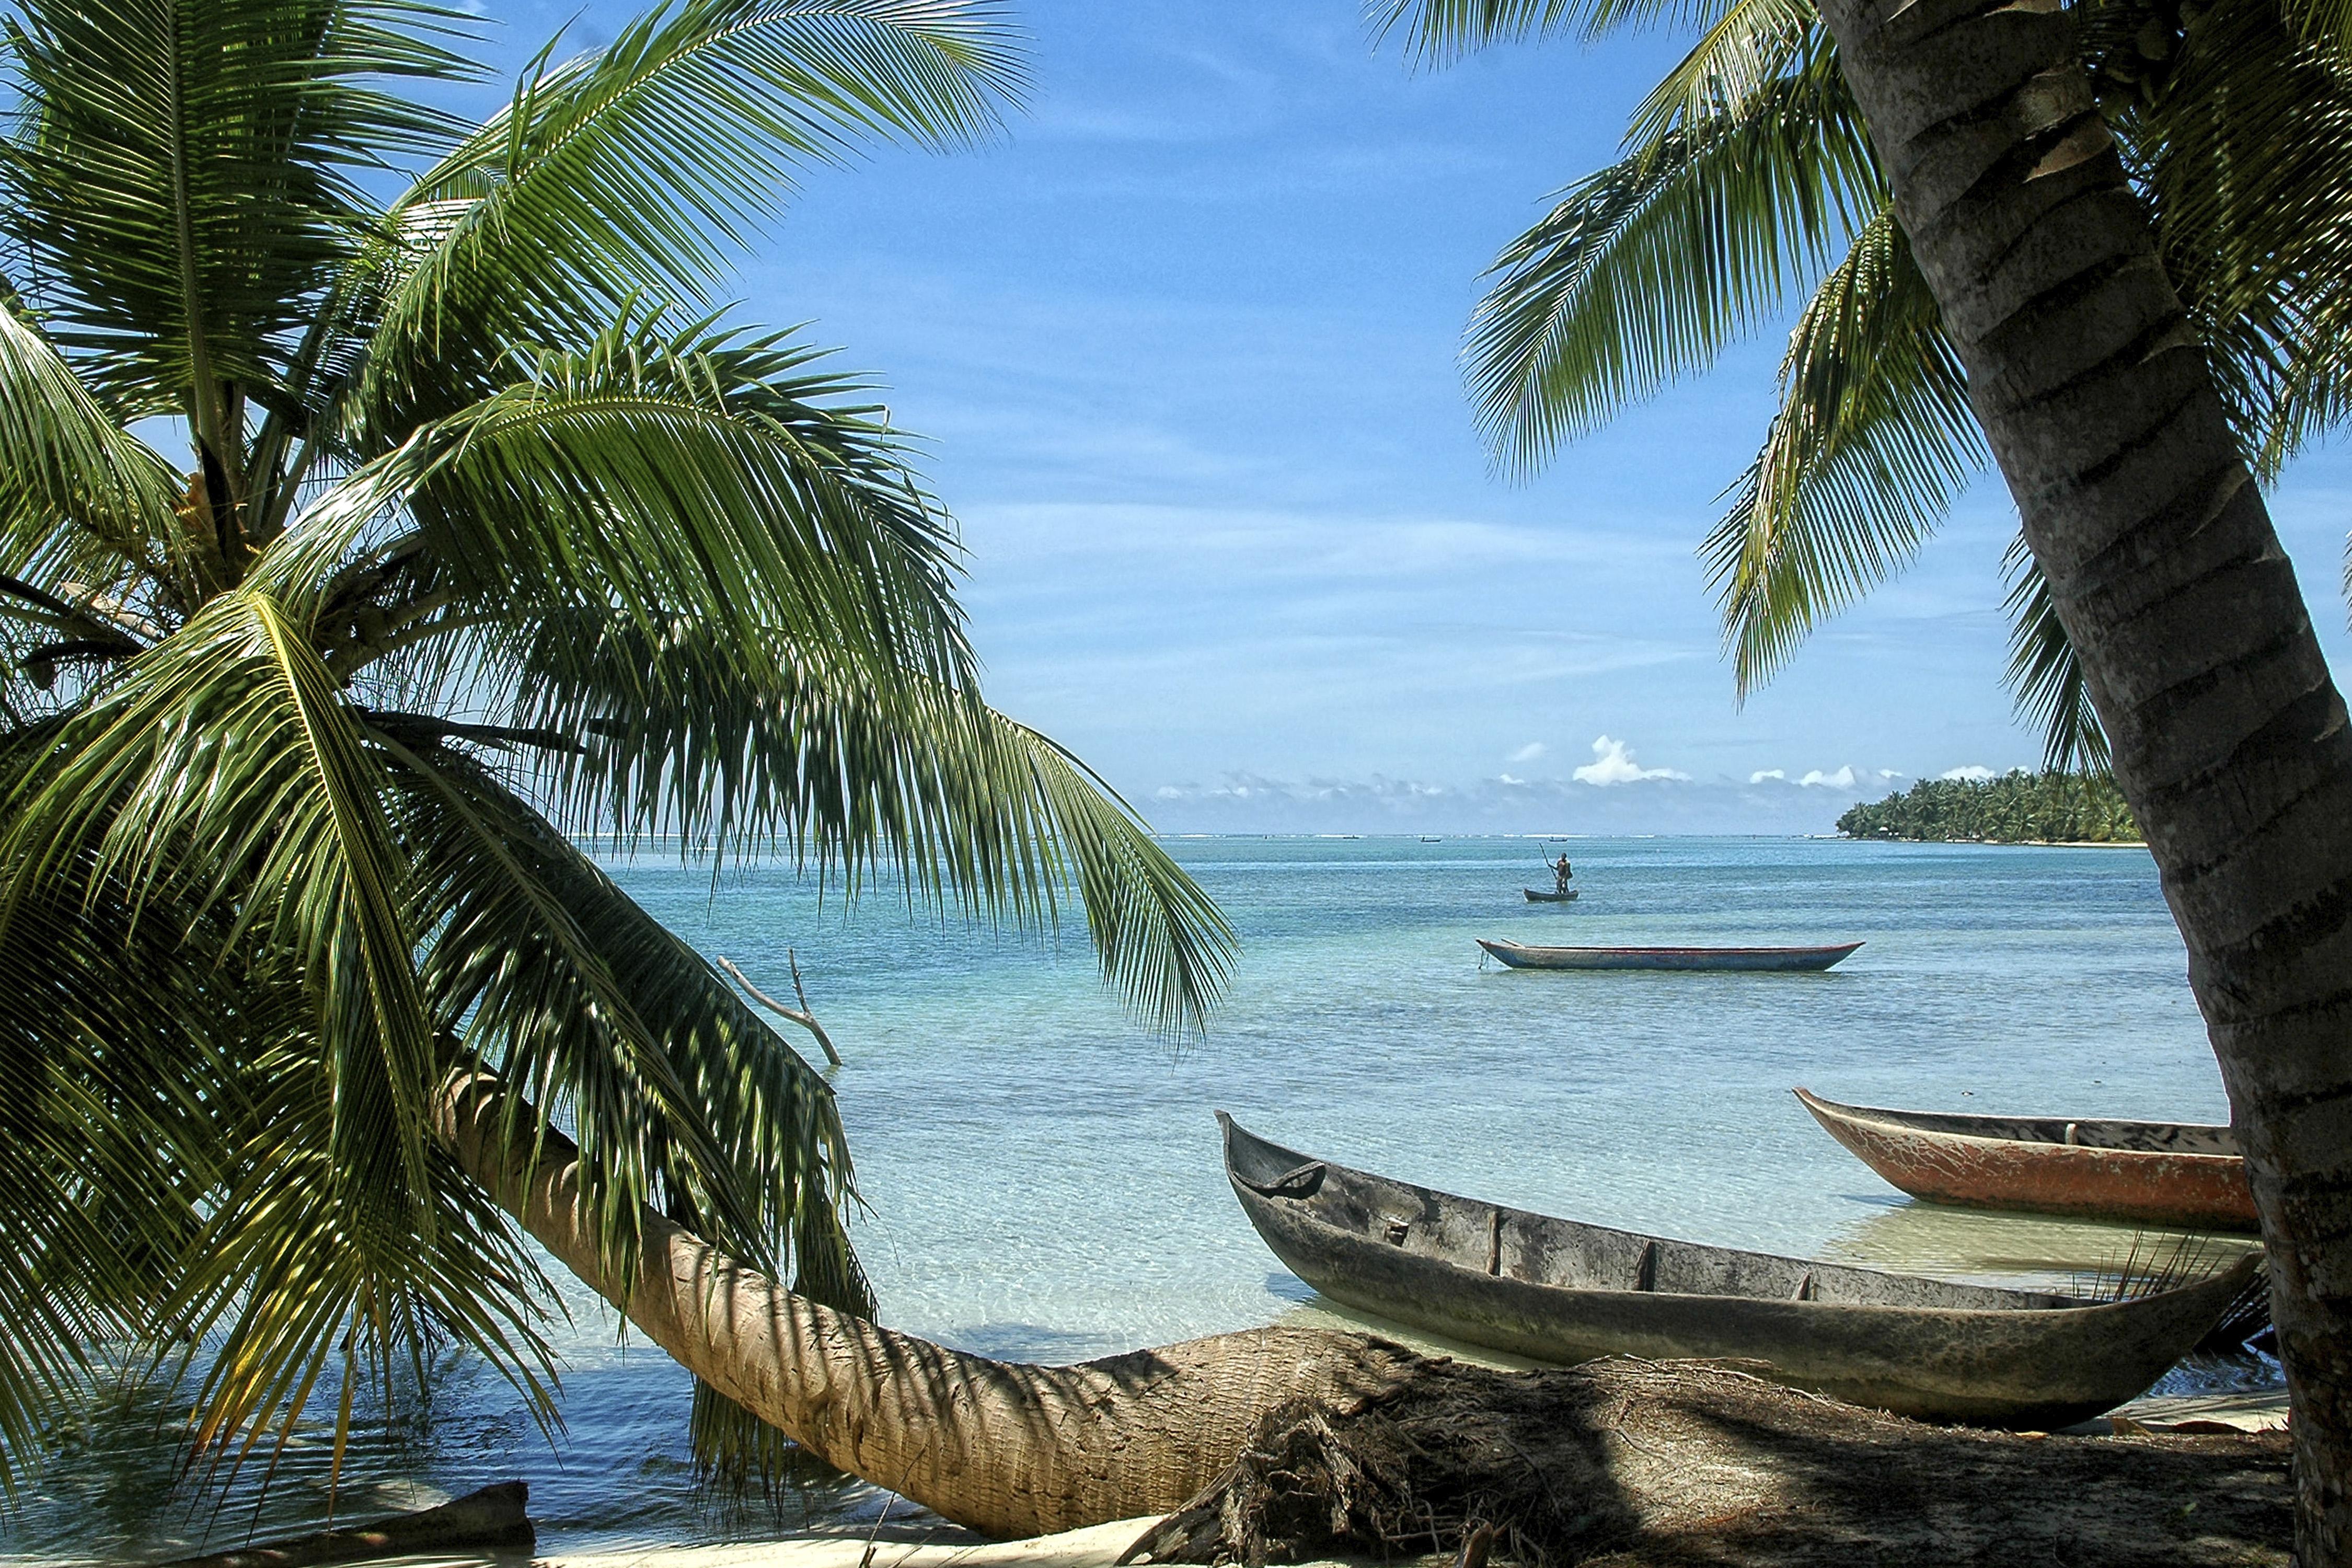 0ab3c11b93b395 ... vous pourrez profiter de nombreuses plages immaculées le long de la  côte nord du Honduras. Quand destination vacances pas chère rime avec beaux  paysages ...